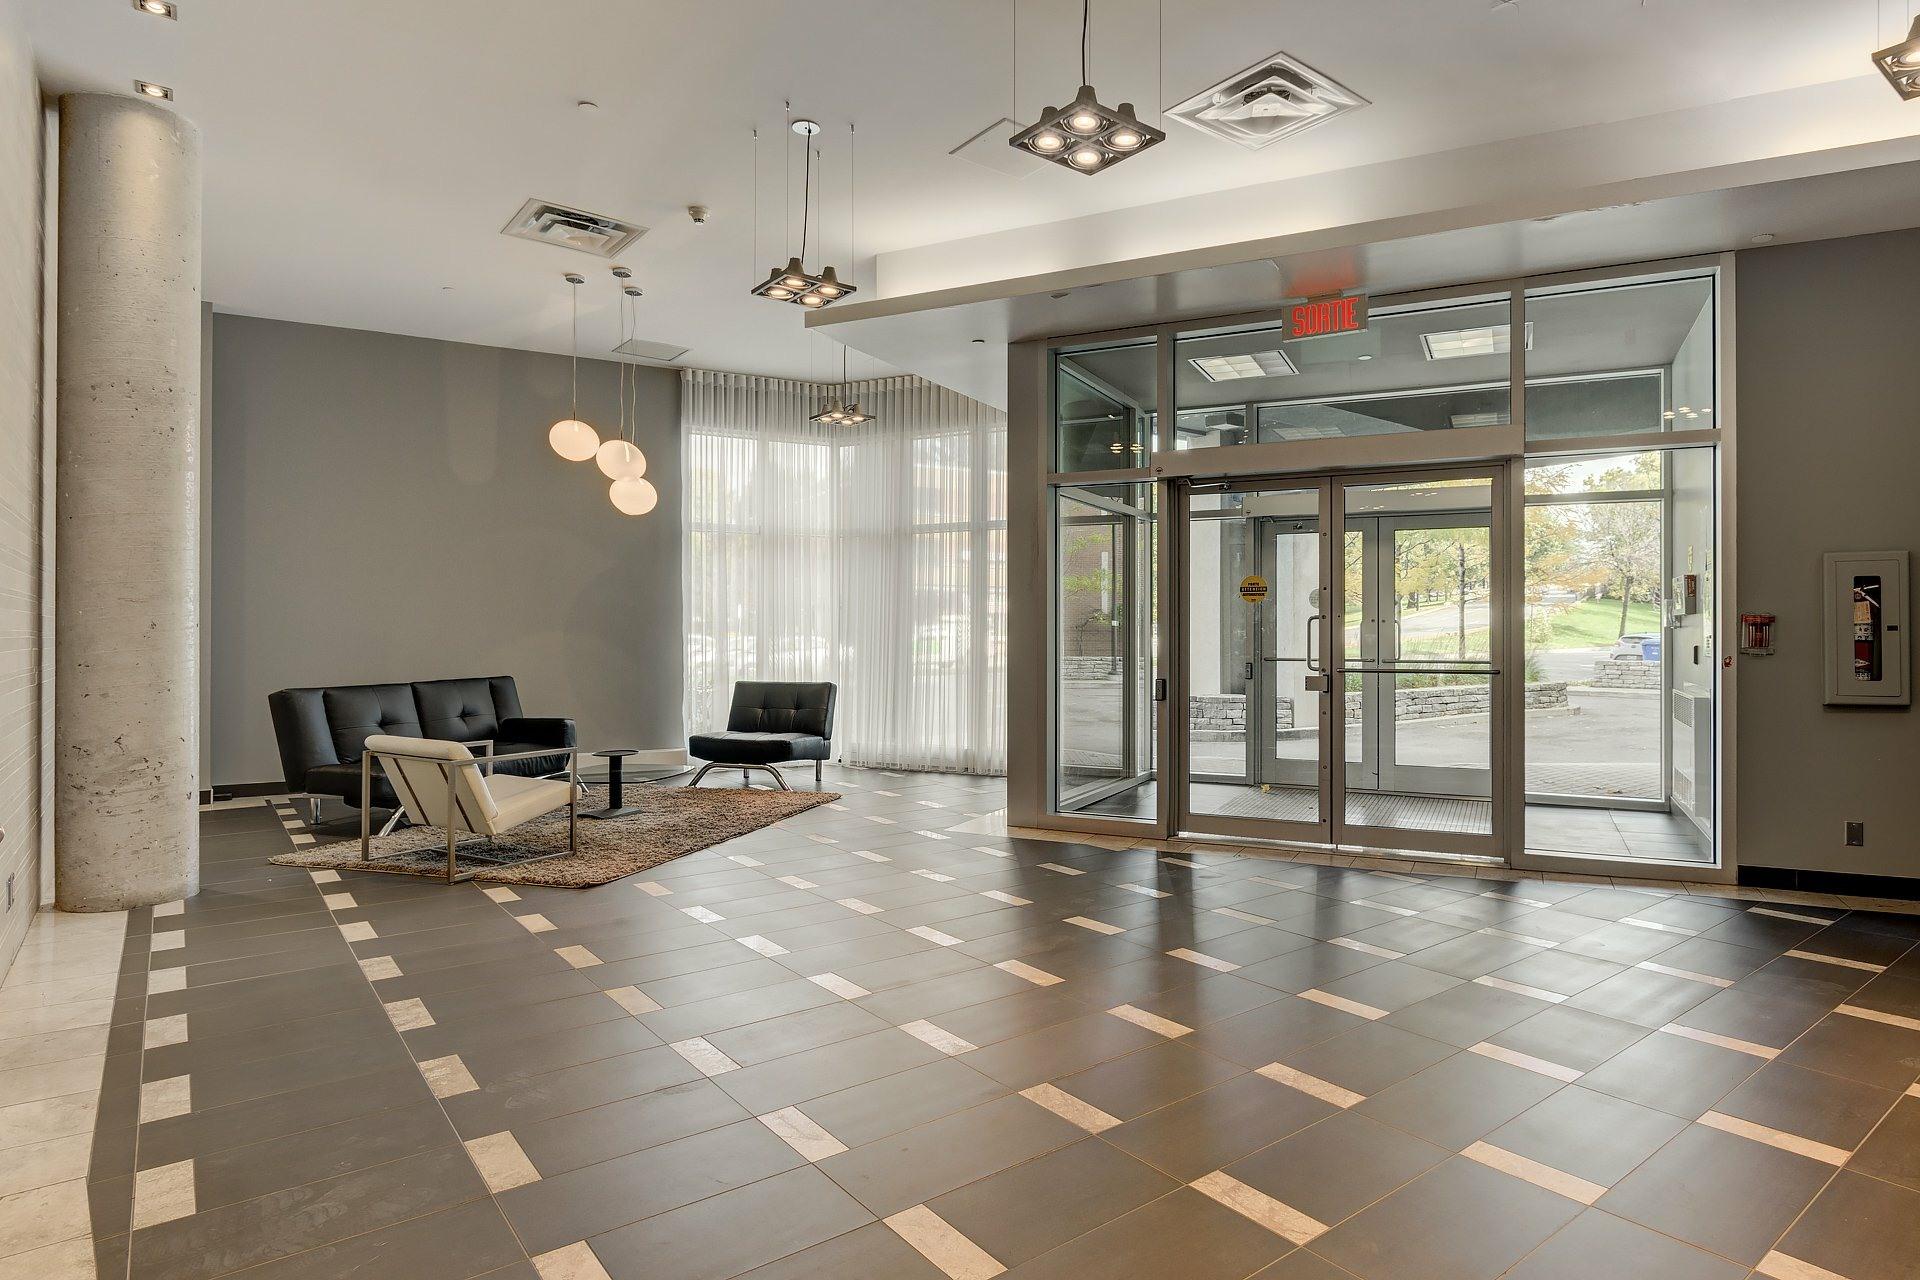 image 20 - Apartment For sale Côte-des-Neiges/Notre-Dame-de-Grâce Montréal  - 5 rooms